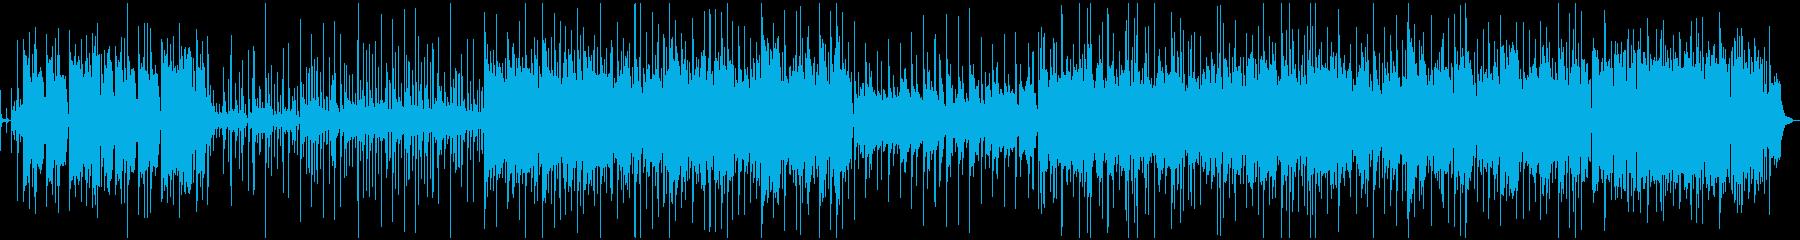 民族音楽・東南アジア・ガムラン+ベトナムの再生済みの波形